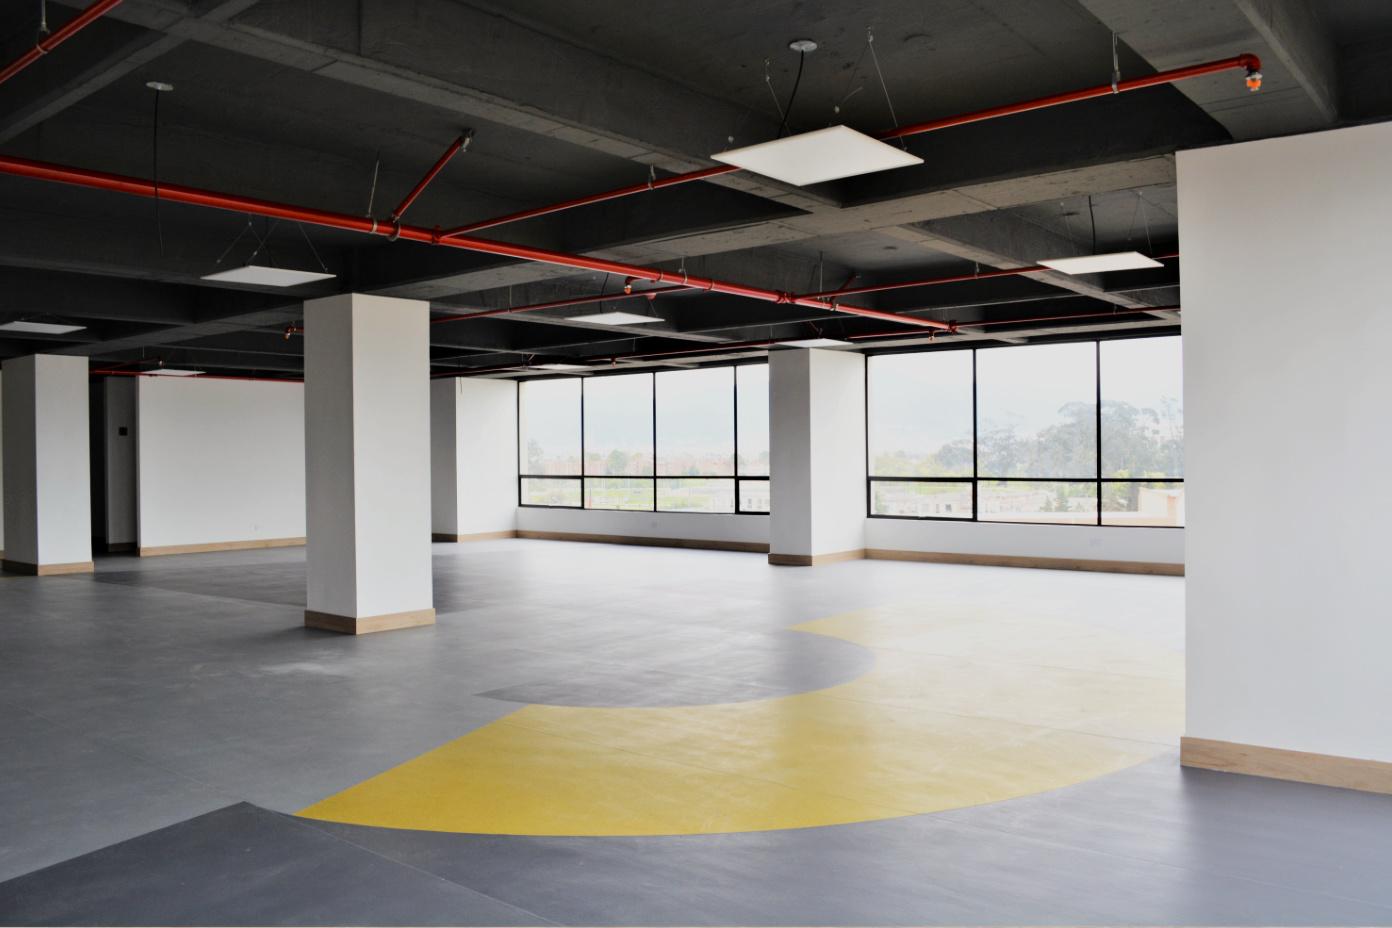 Salón de spinning - Club House - Torres de Timiza, apartamentos en venta, sector Kennedy, Bogotá, vivienda de interés social VIS, aplica subsidio